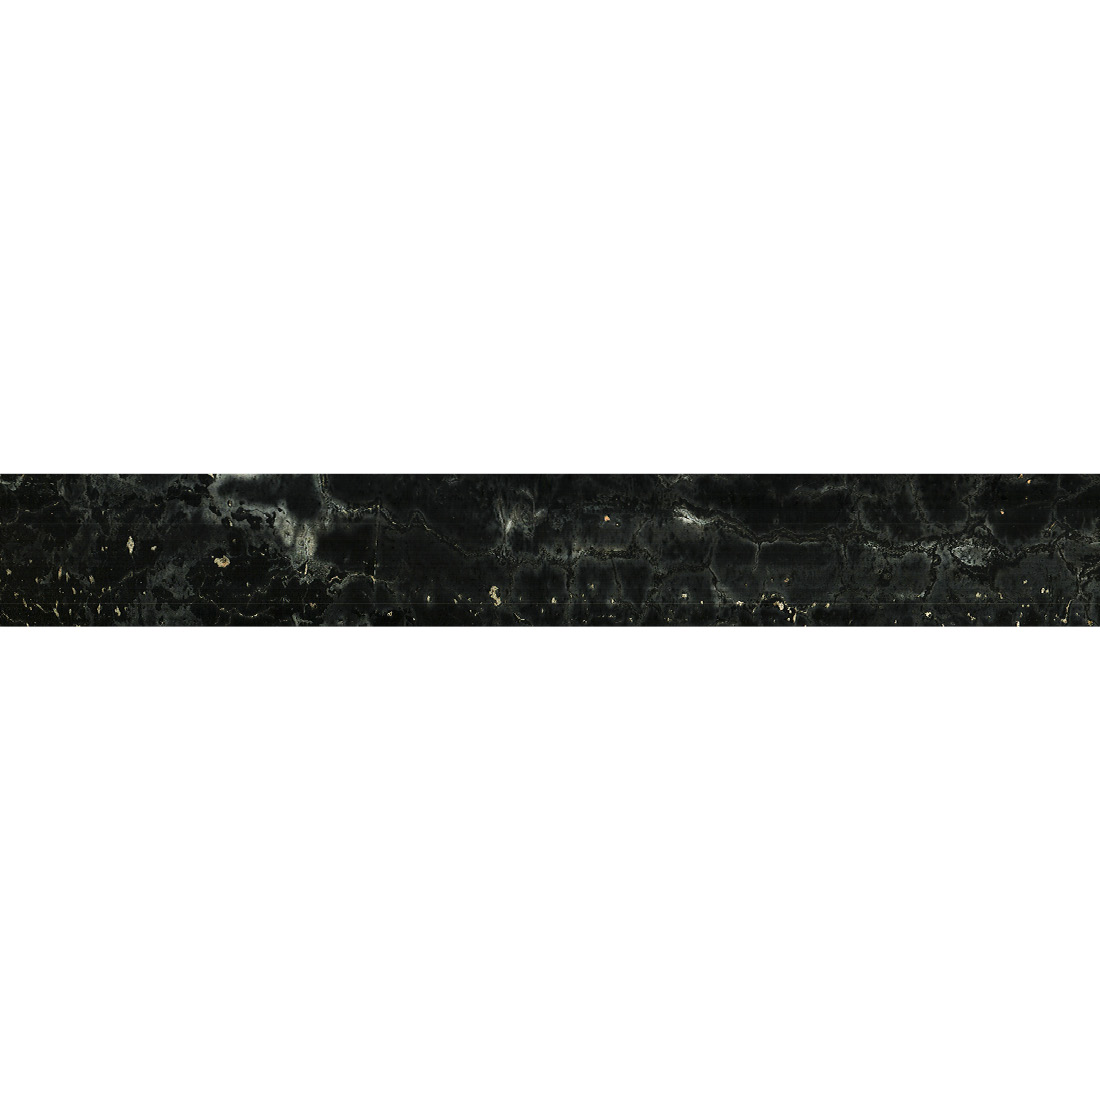 Schwarze-Wand matthieu bertea expo artsphalte arles